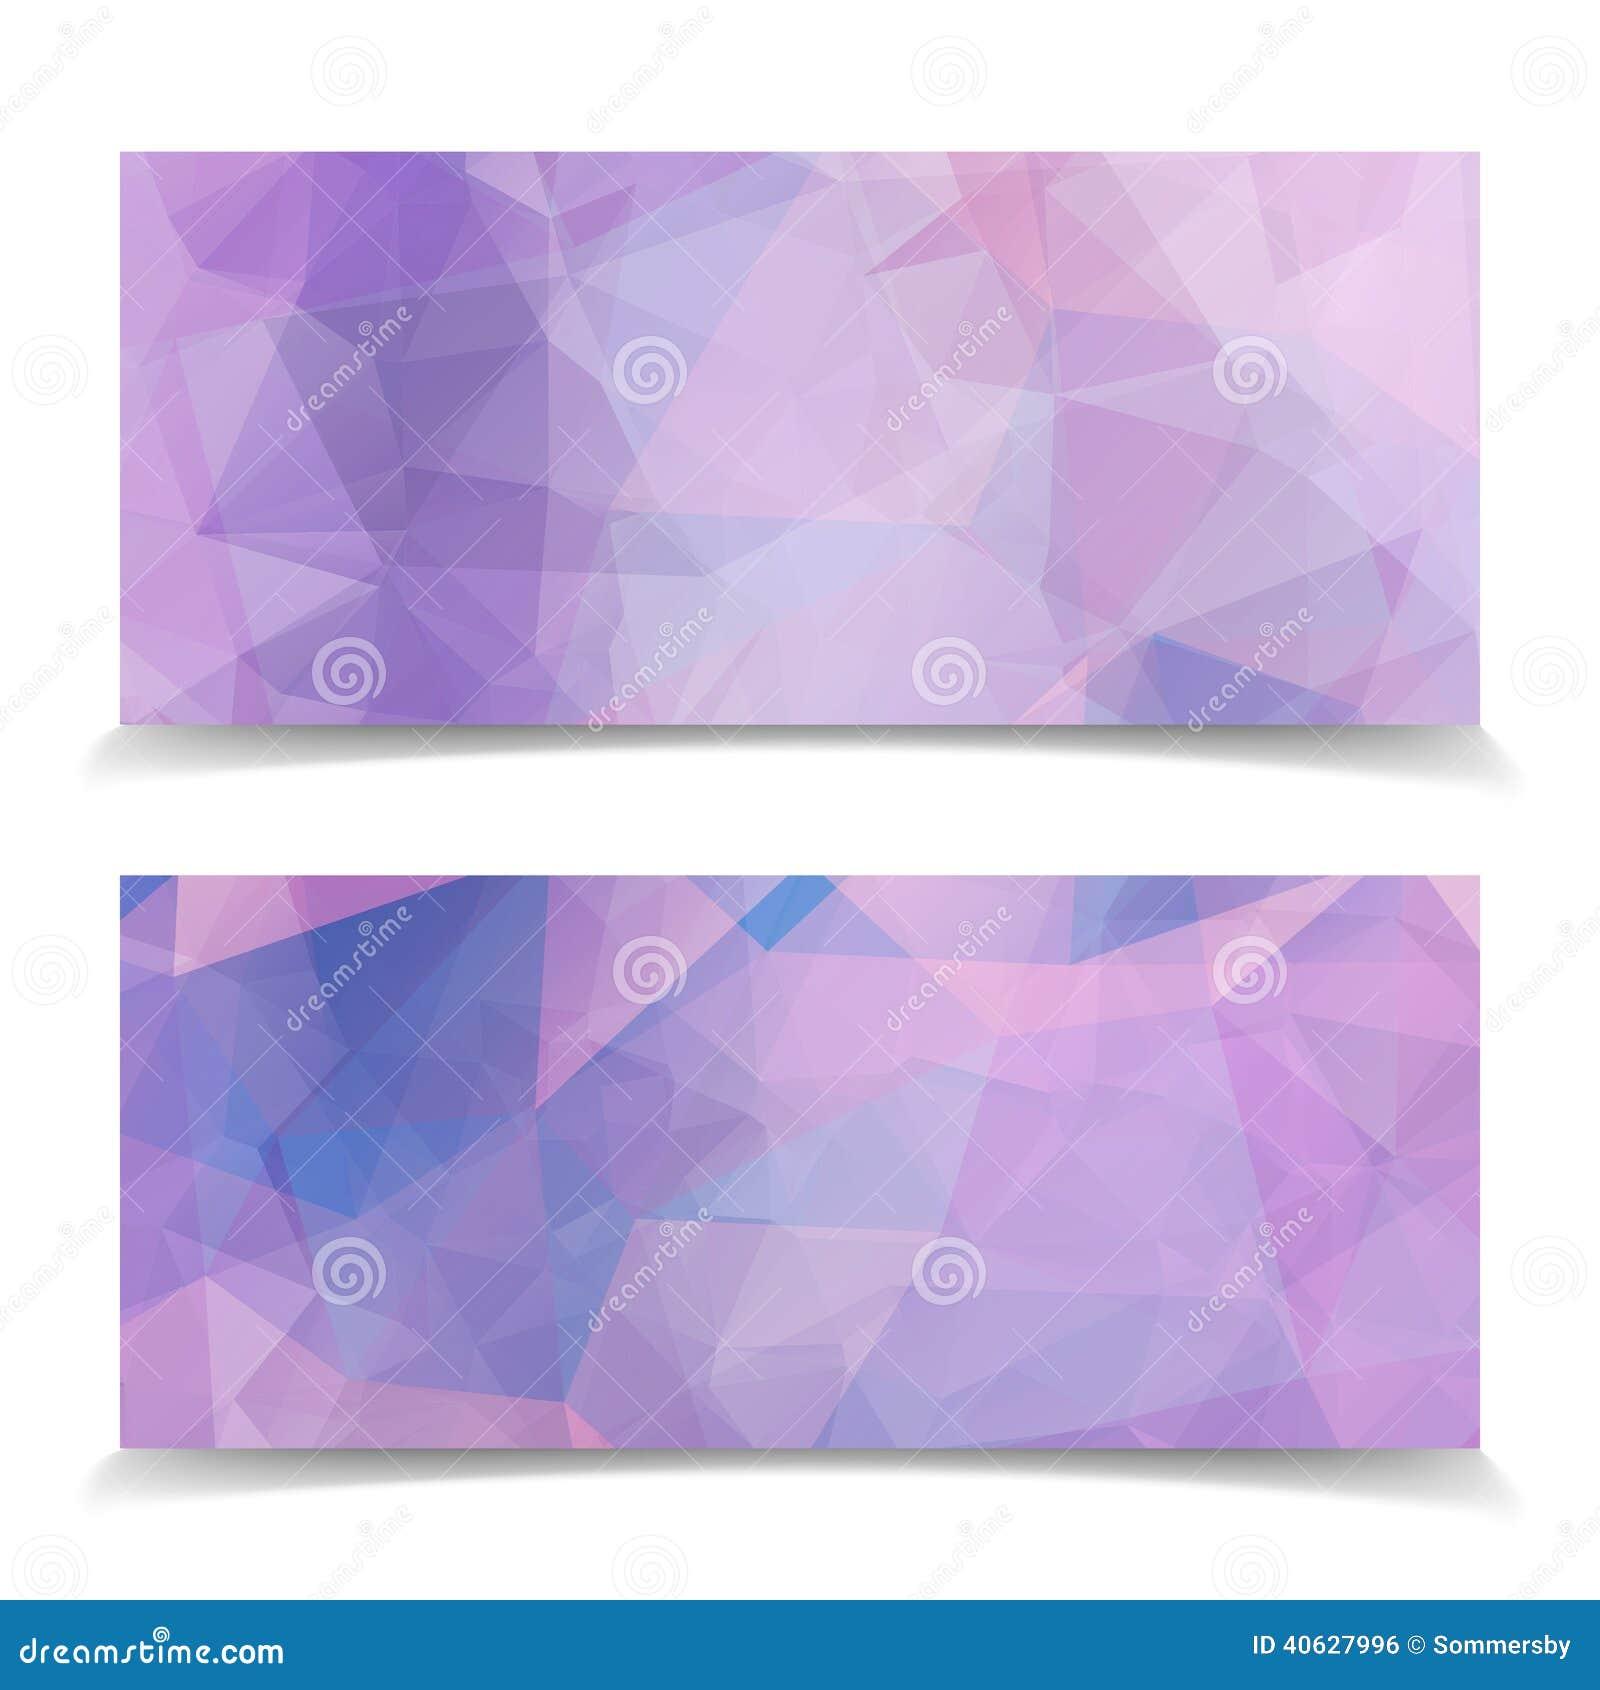 Sistema de jefes triangulares rosados abstractos